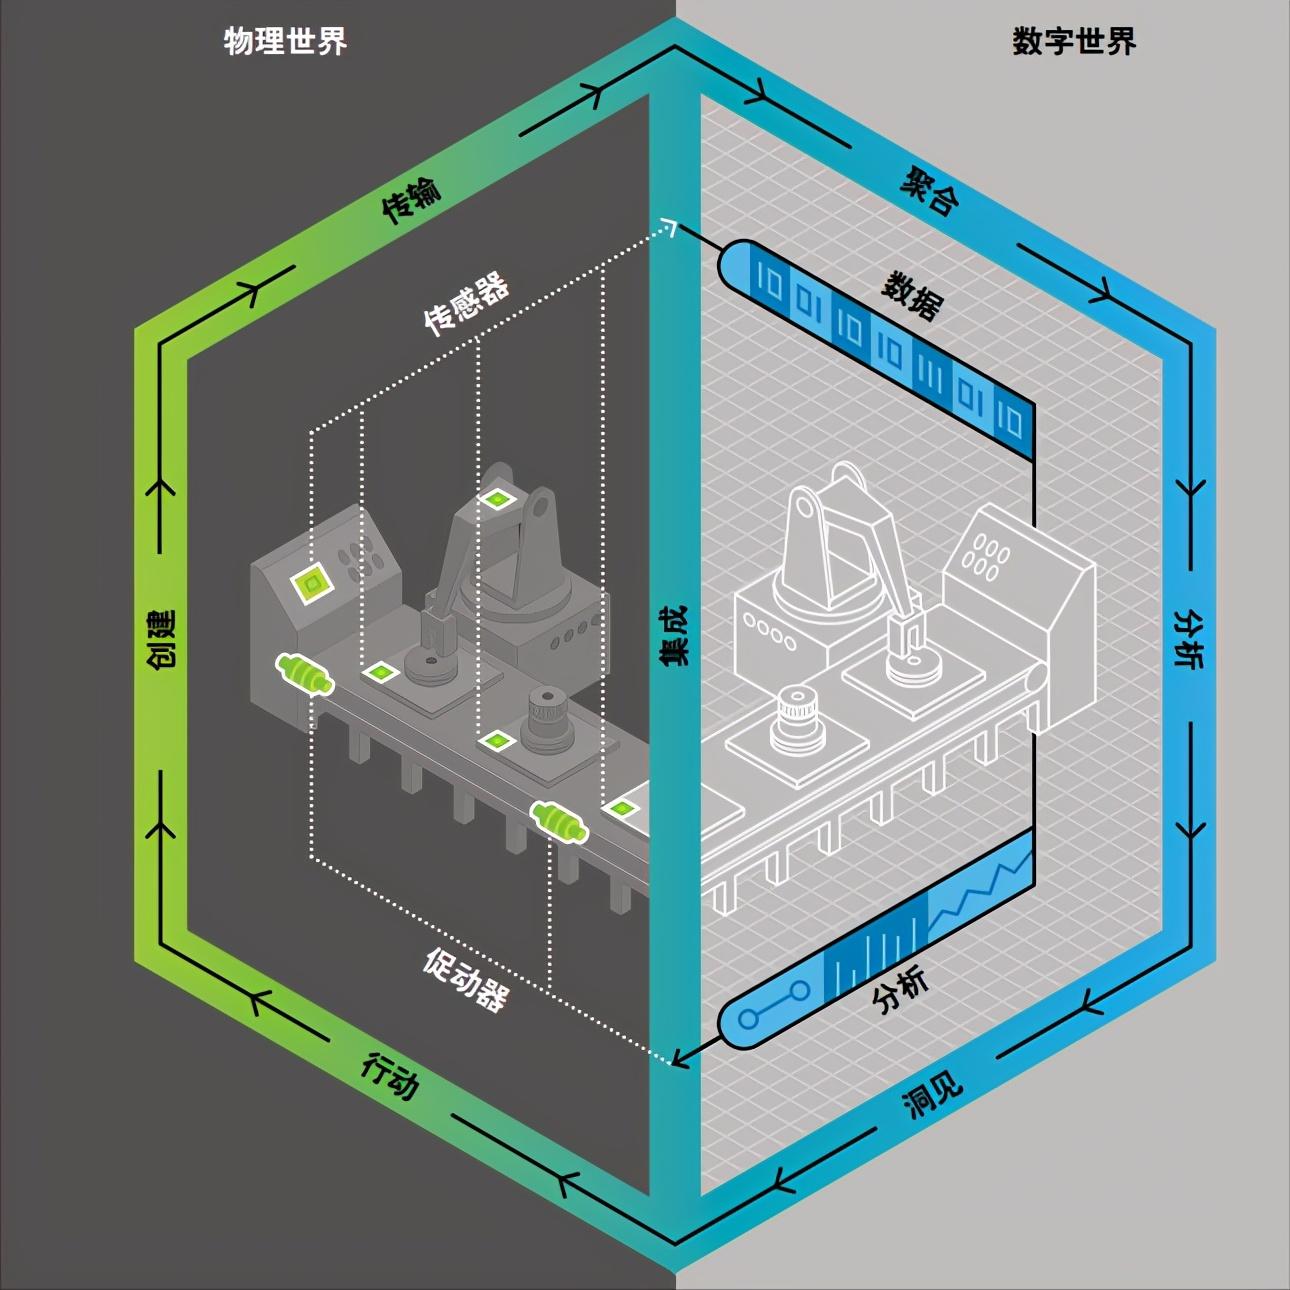 什么是数字孪生(Digital Twin),什么是工程行业数字孪生